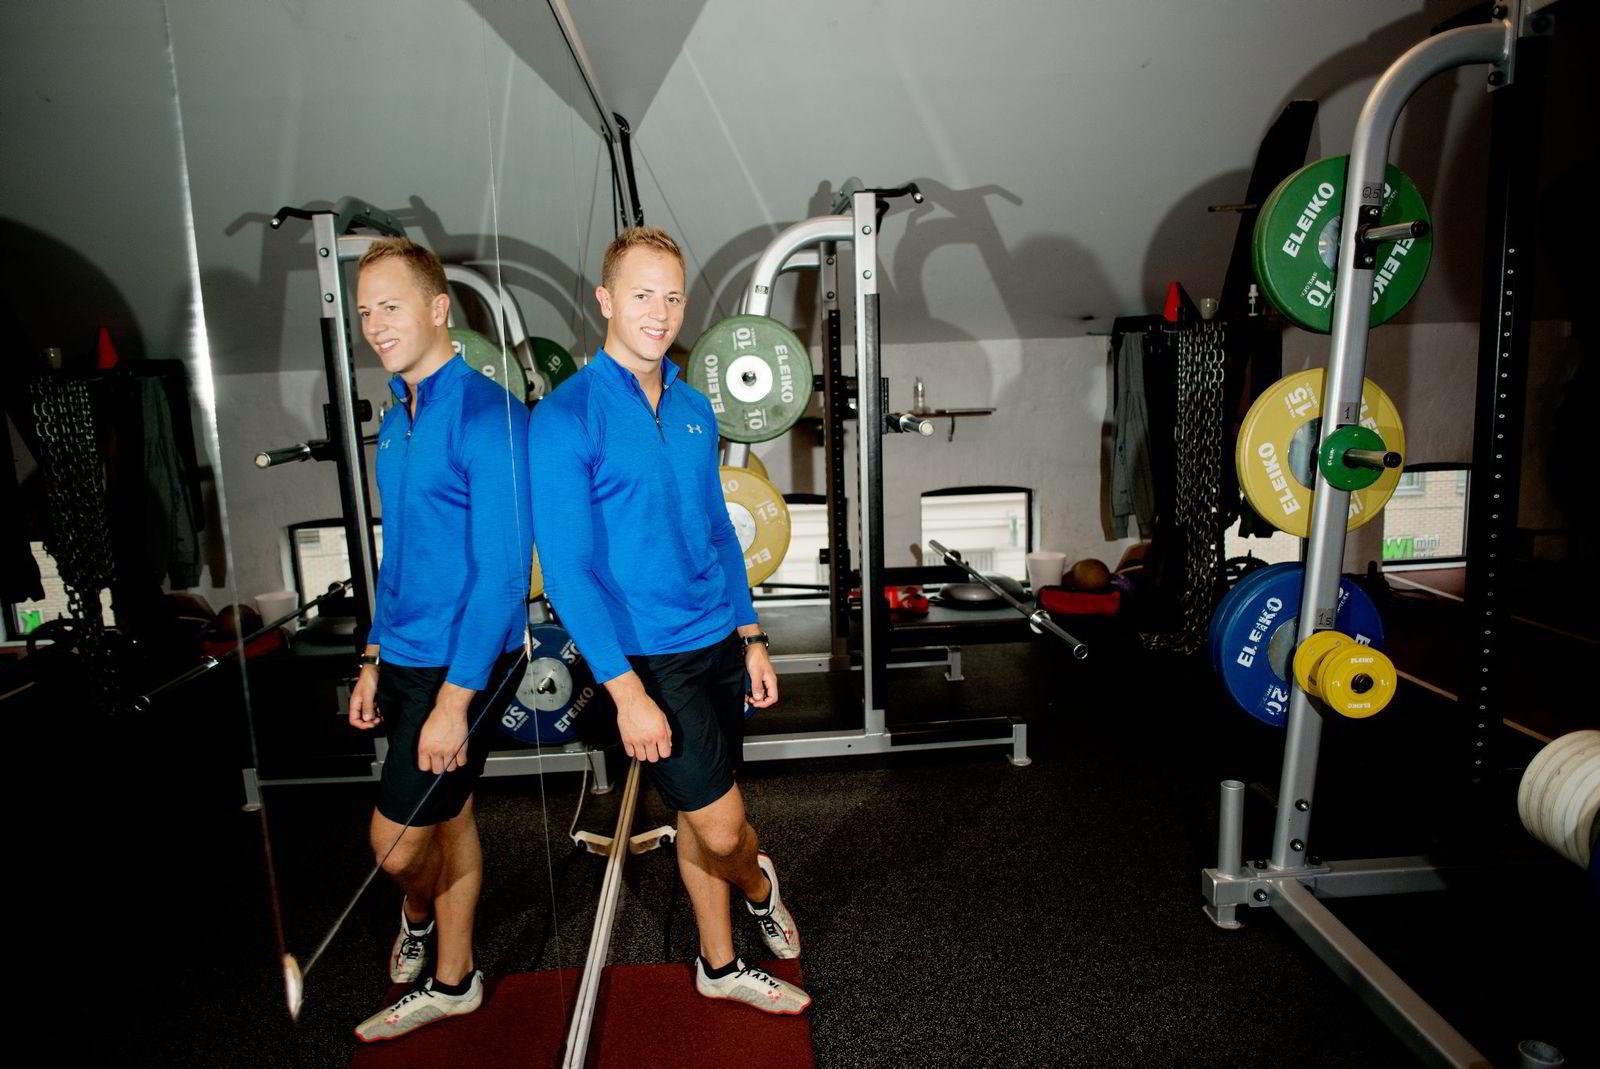 Mer muskelmasse gir bedre helse og økt forbrenning, påpeker personlig trener Martin Norum.